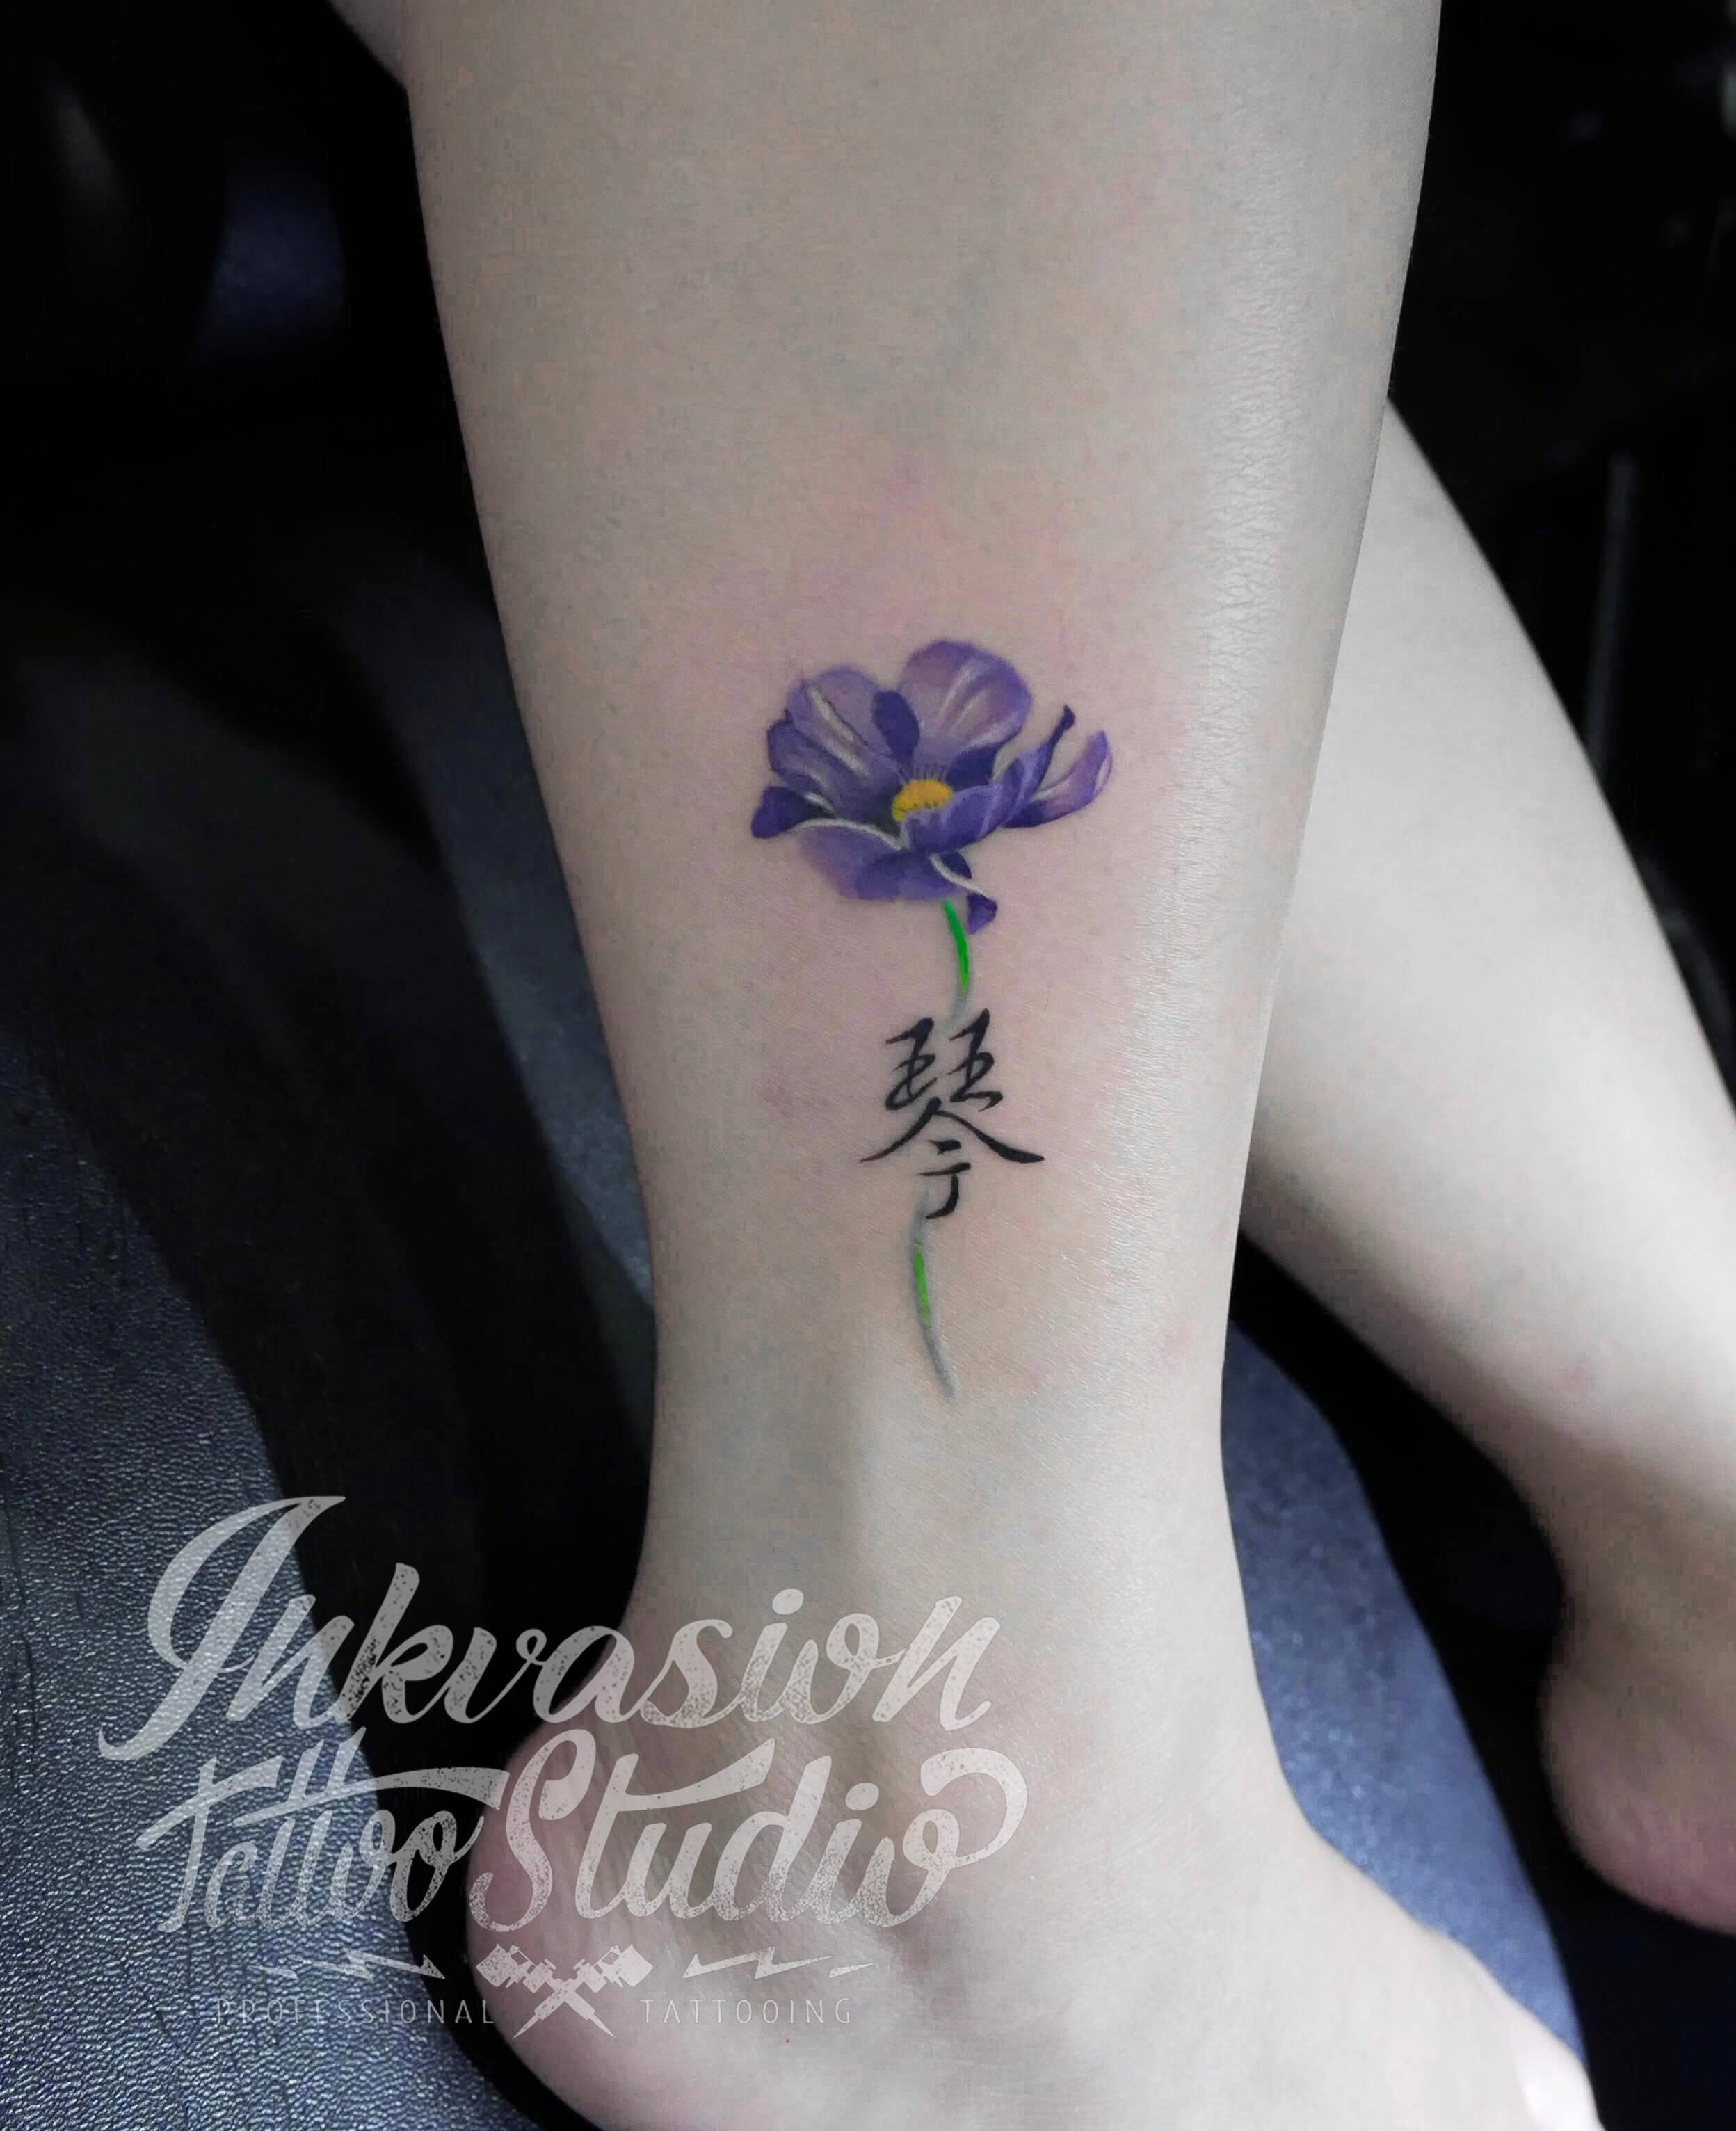 Chinese Calligraphy Flower Tattoo Inkvasion Tattoo Studio Singapore